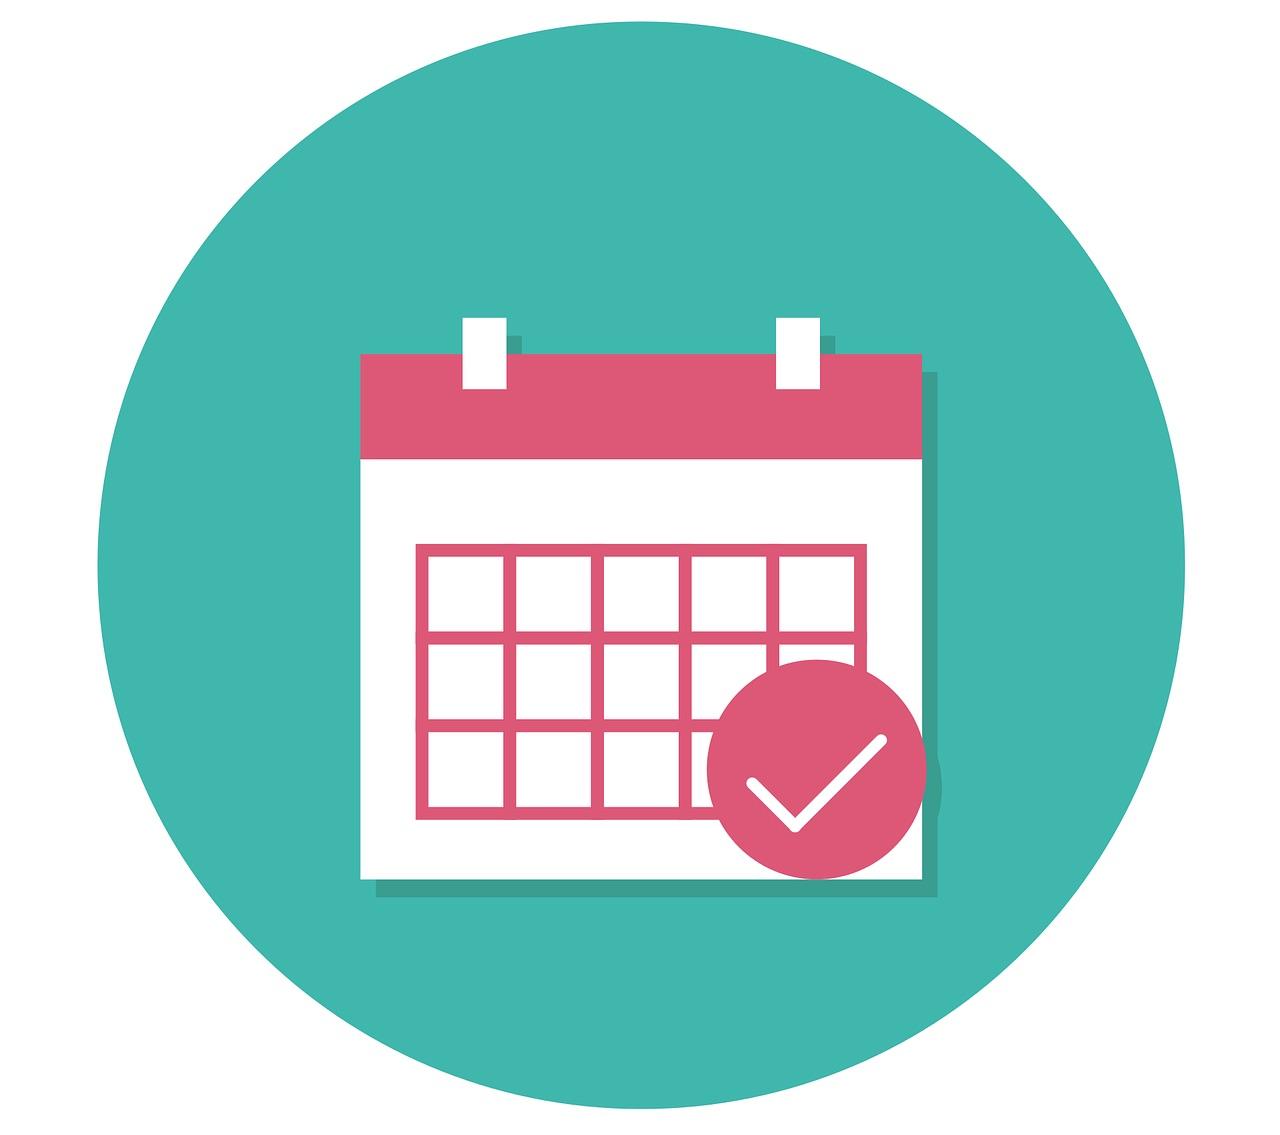 【Excel】今日の日付や現在の時刻を求める関数とショートカット